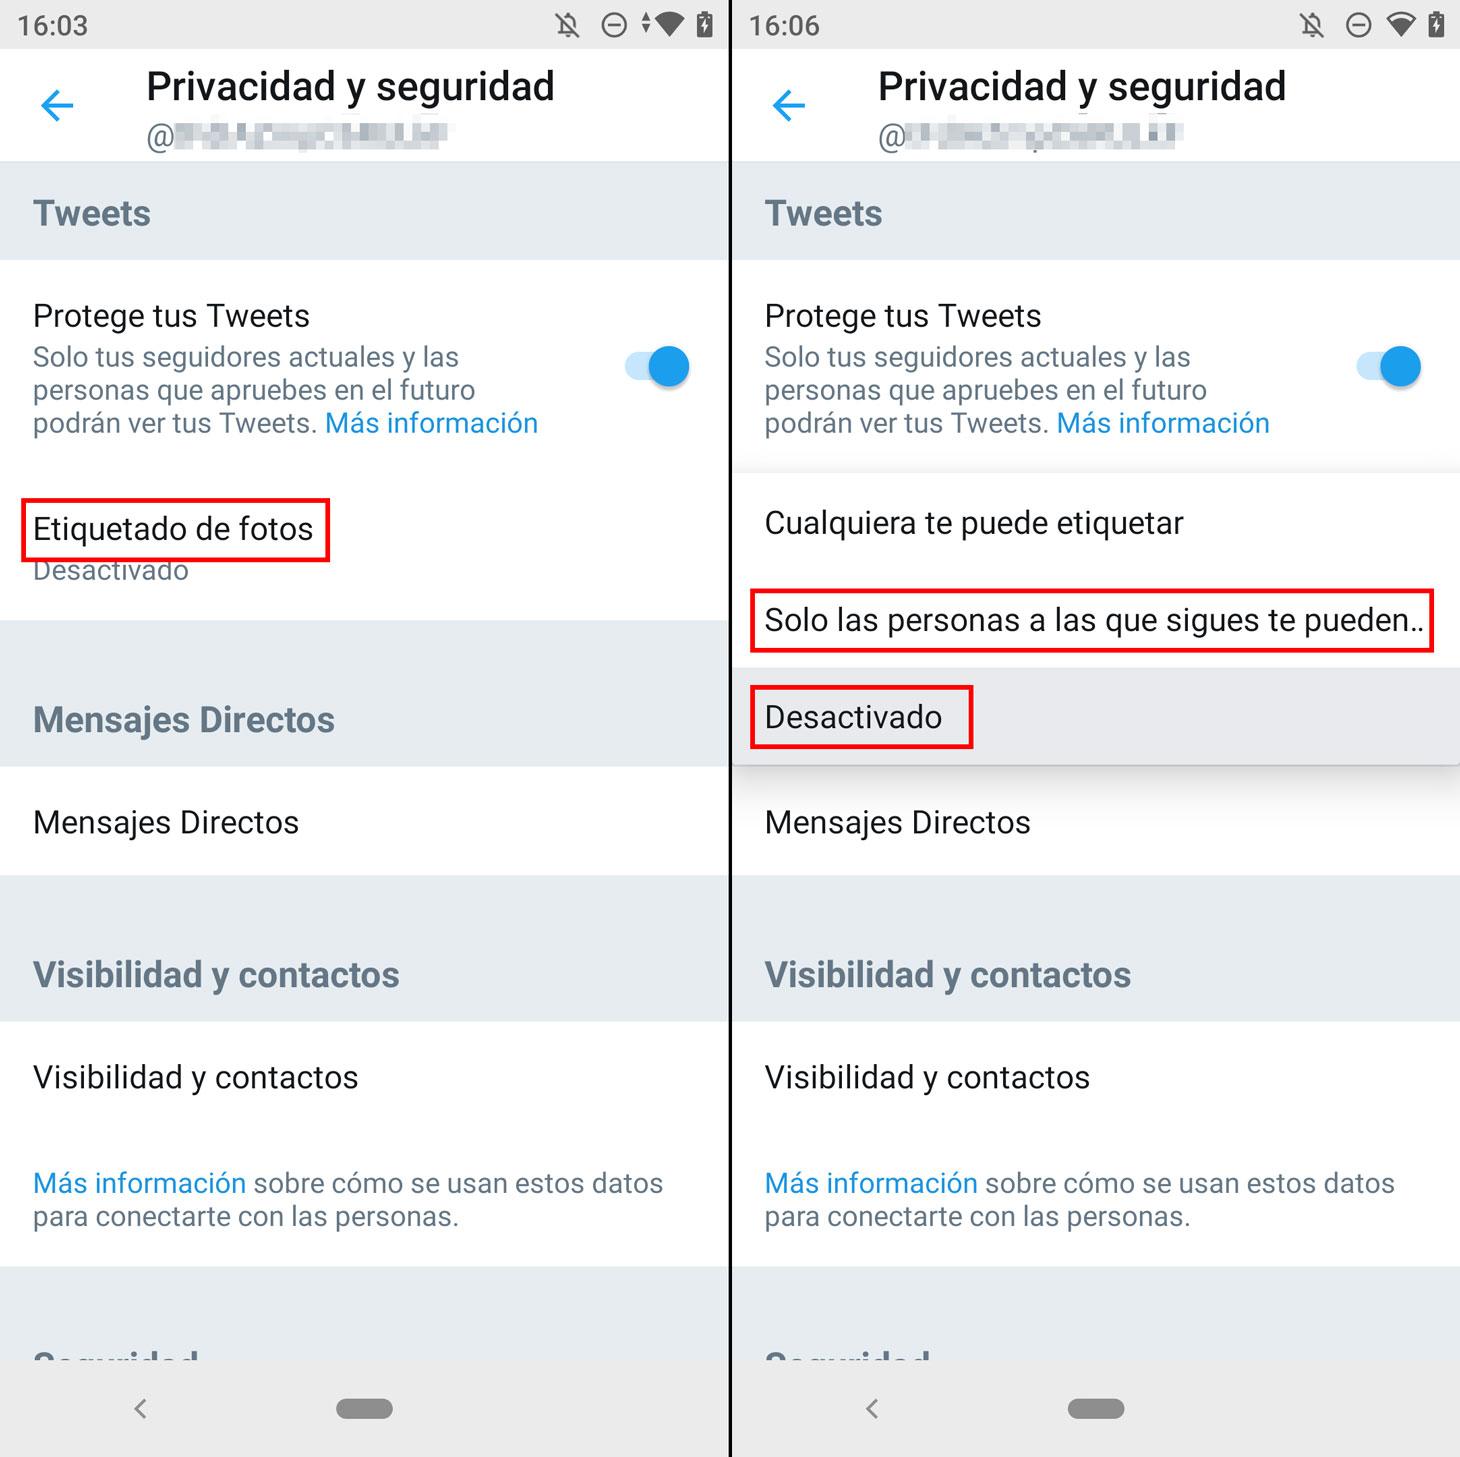 Cómo desactivar el etiquetado de fotos en Twitter.